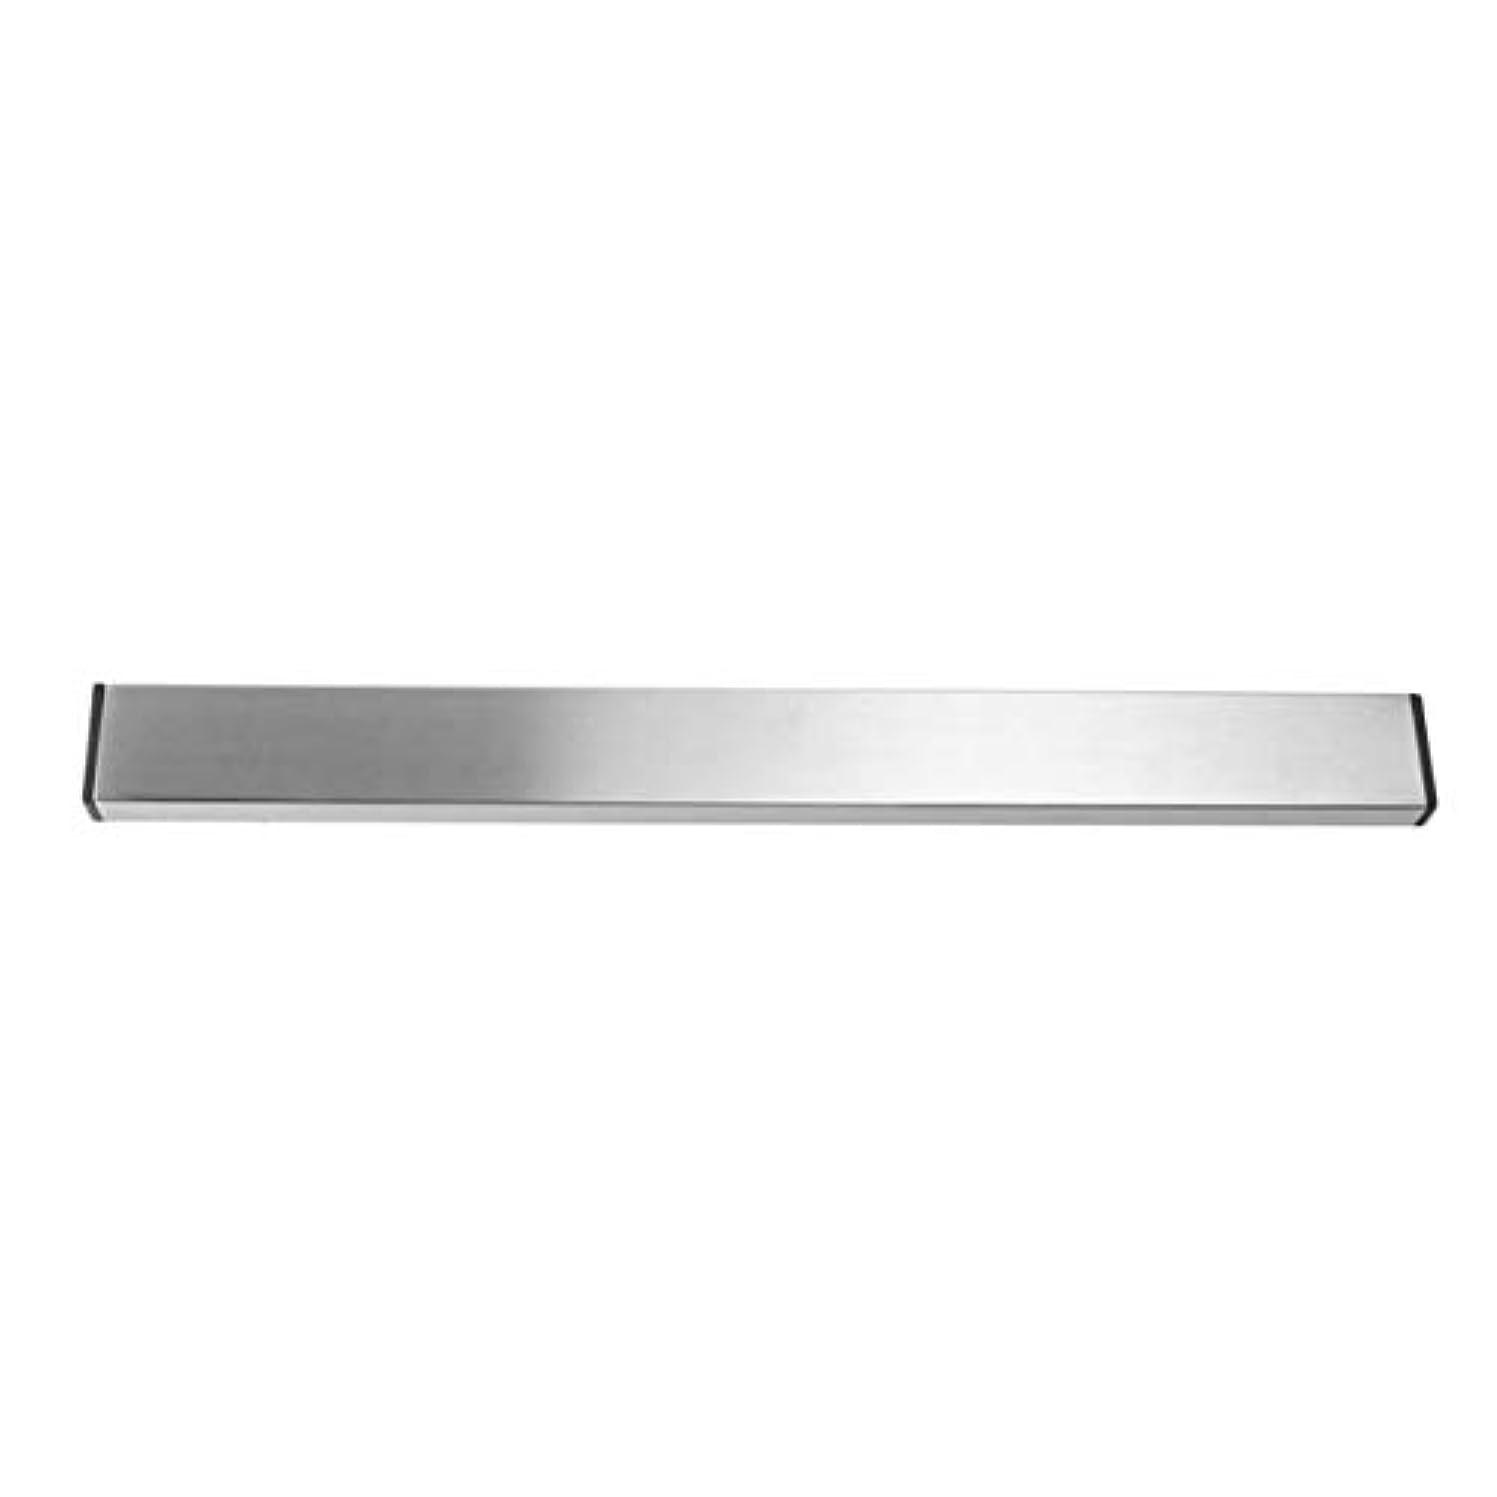 枕助言する頼るSaikogoods 実用的なホーム台所の壁マウントされた磁気ナイフホルダー耐久性のあるステンレススチール簡単に保存ナイフは台所用具ラック 銀 M